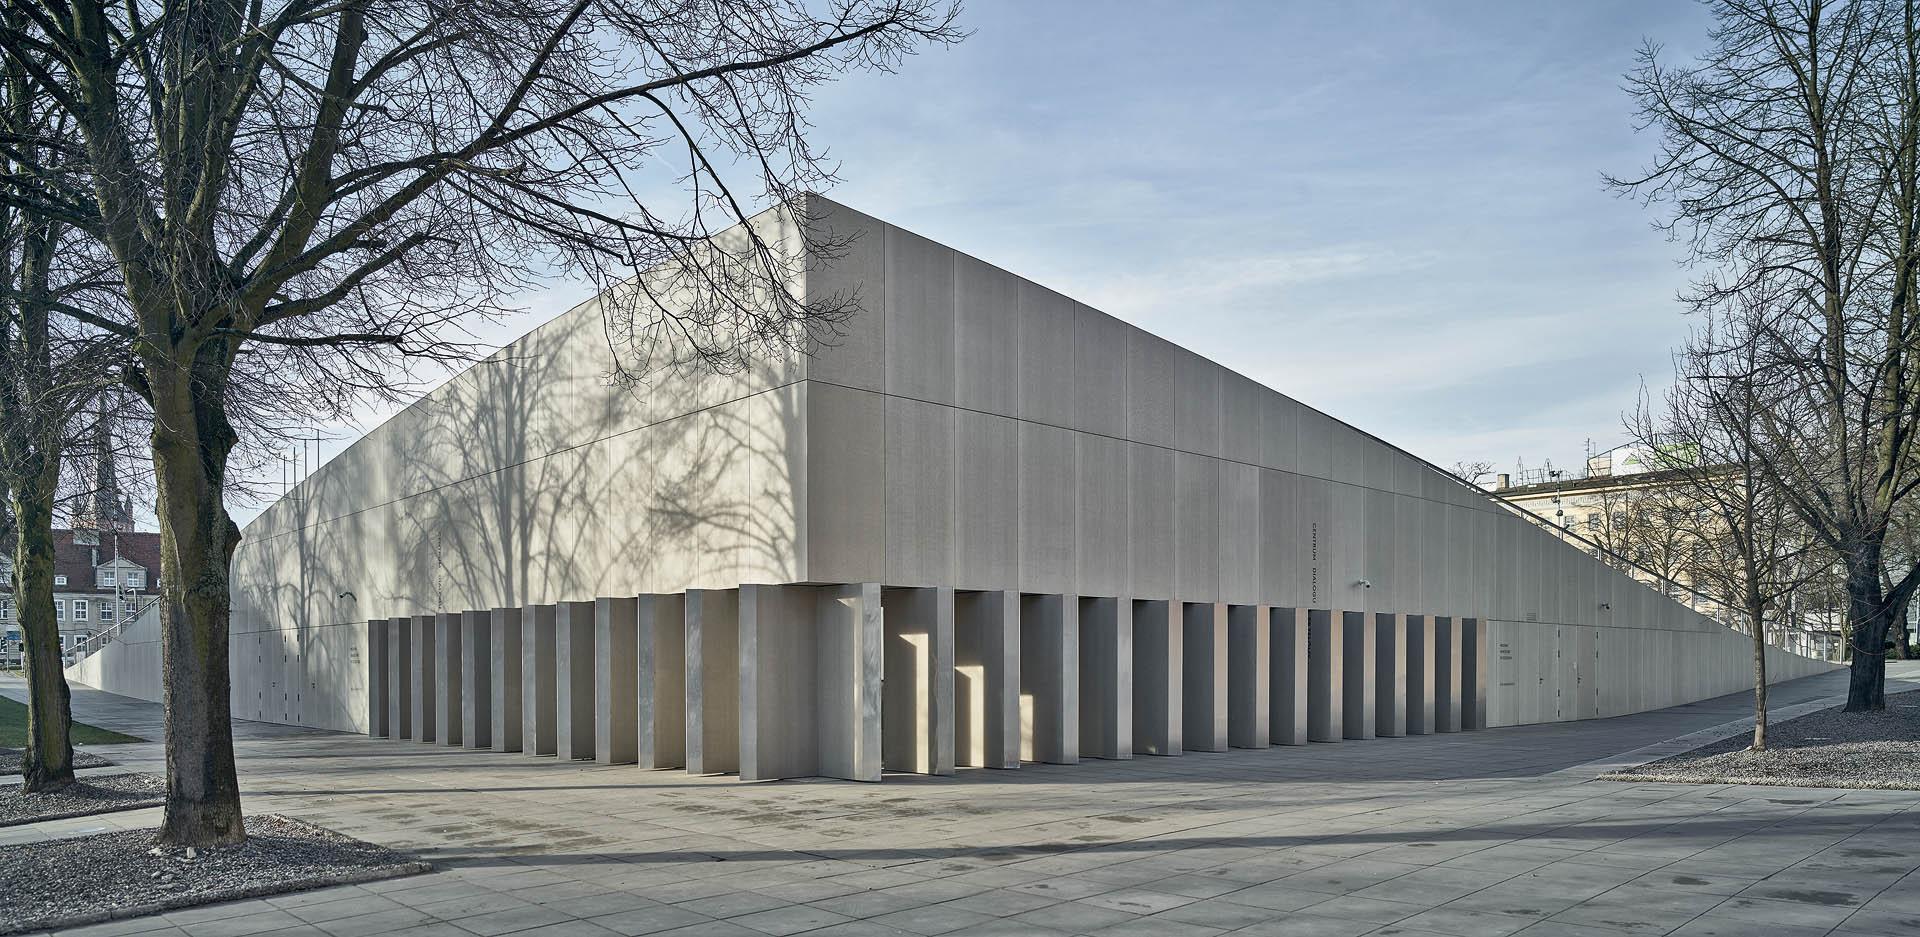 betonowe żaluzje powodują otwieranie się budynku na otoczenie lub zamykanie w monolityczną bryłę